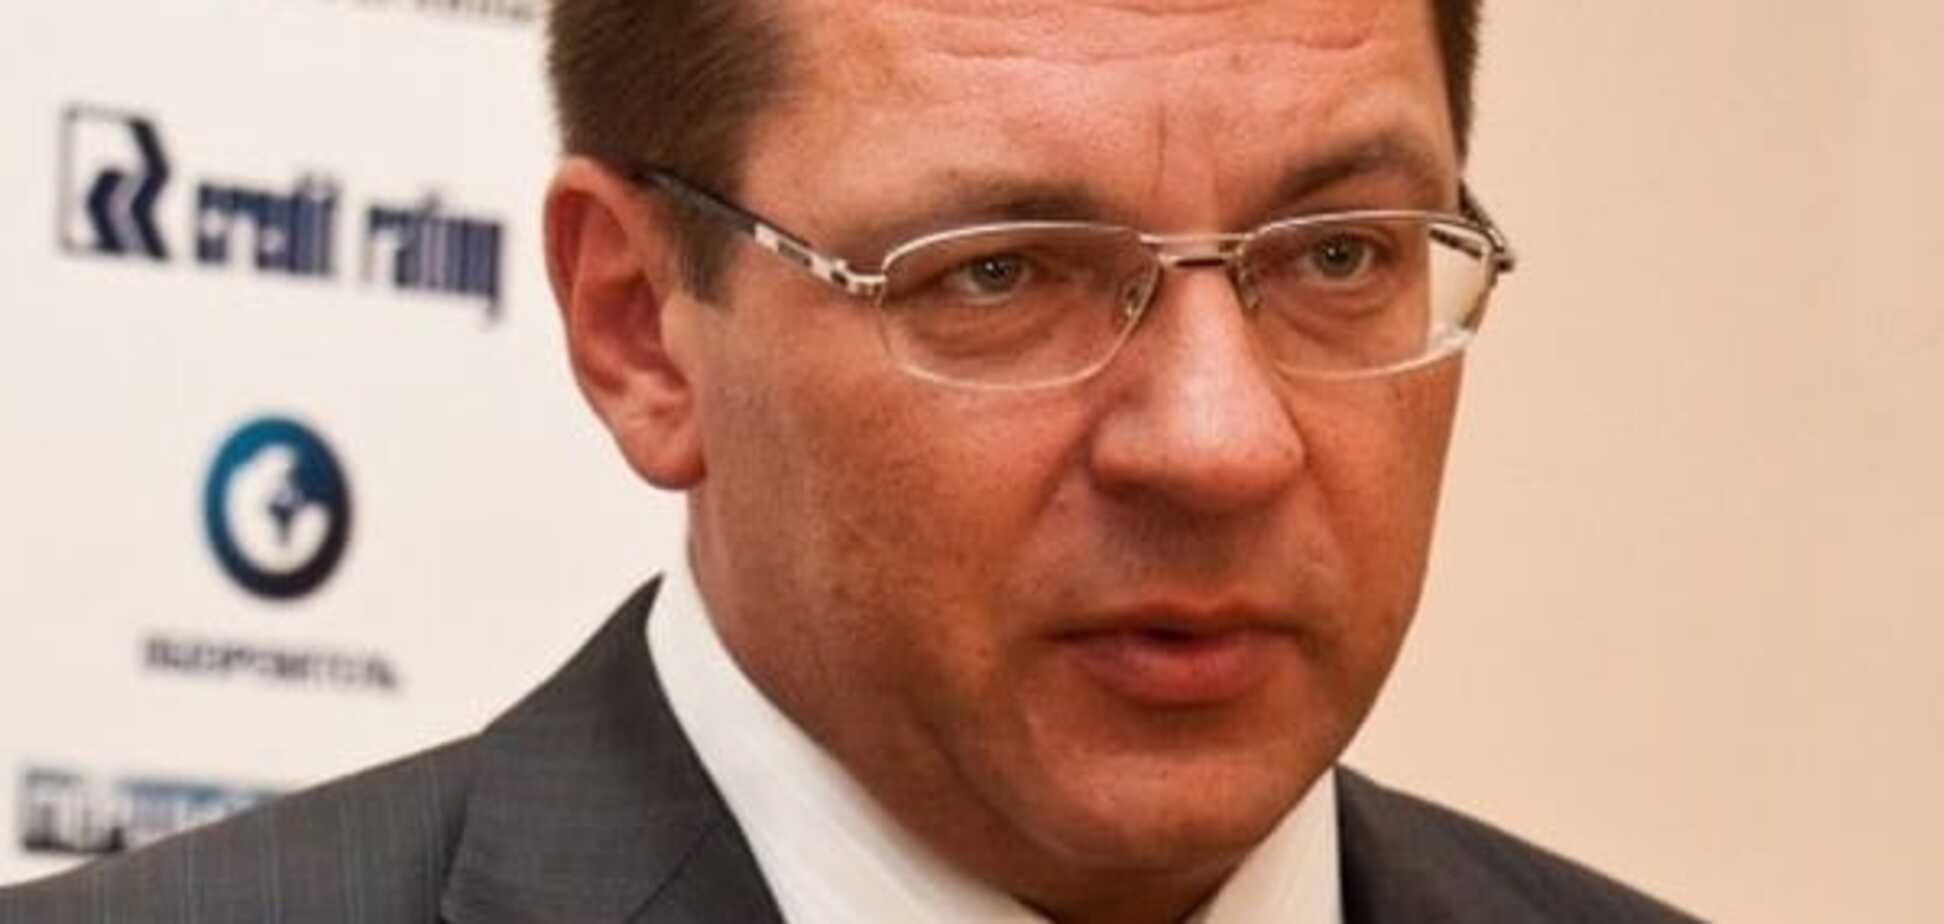 Про що судитися? Одарич відмовився оскаржувати результати виборів у Черкасах